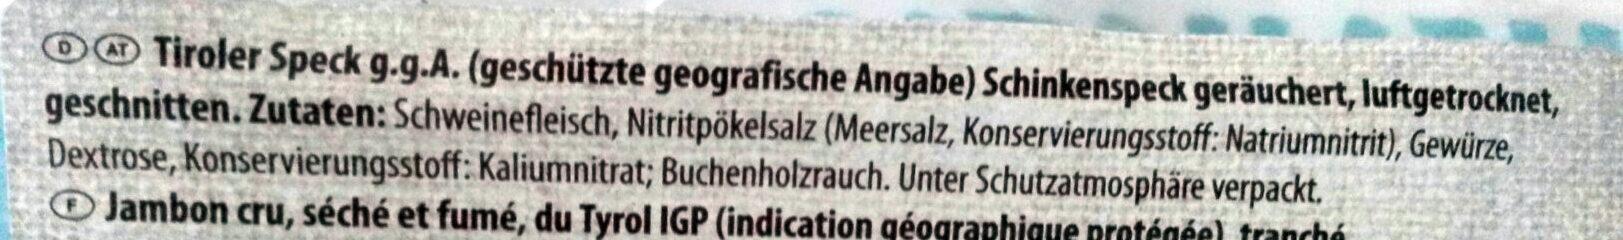 Schinkenspeck, Tiroler Speck g.g.A., St. Alpine - Ingredients